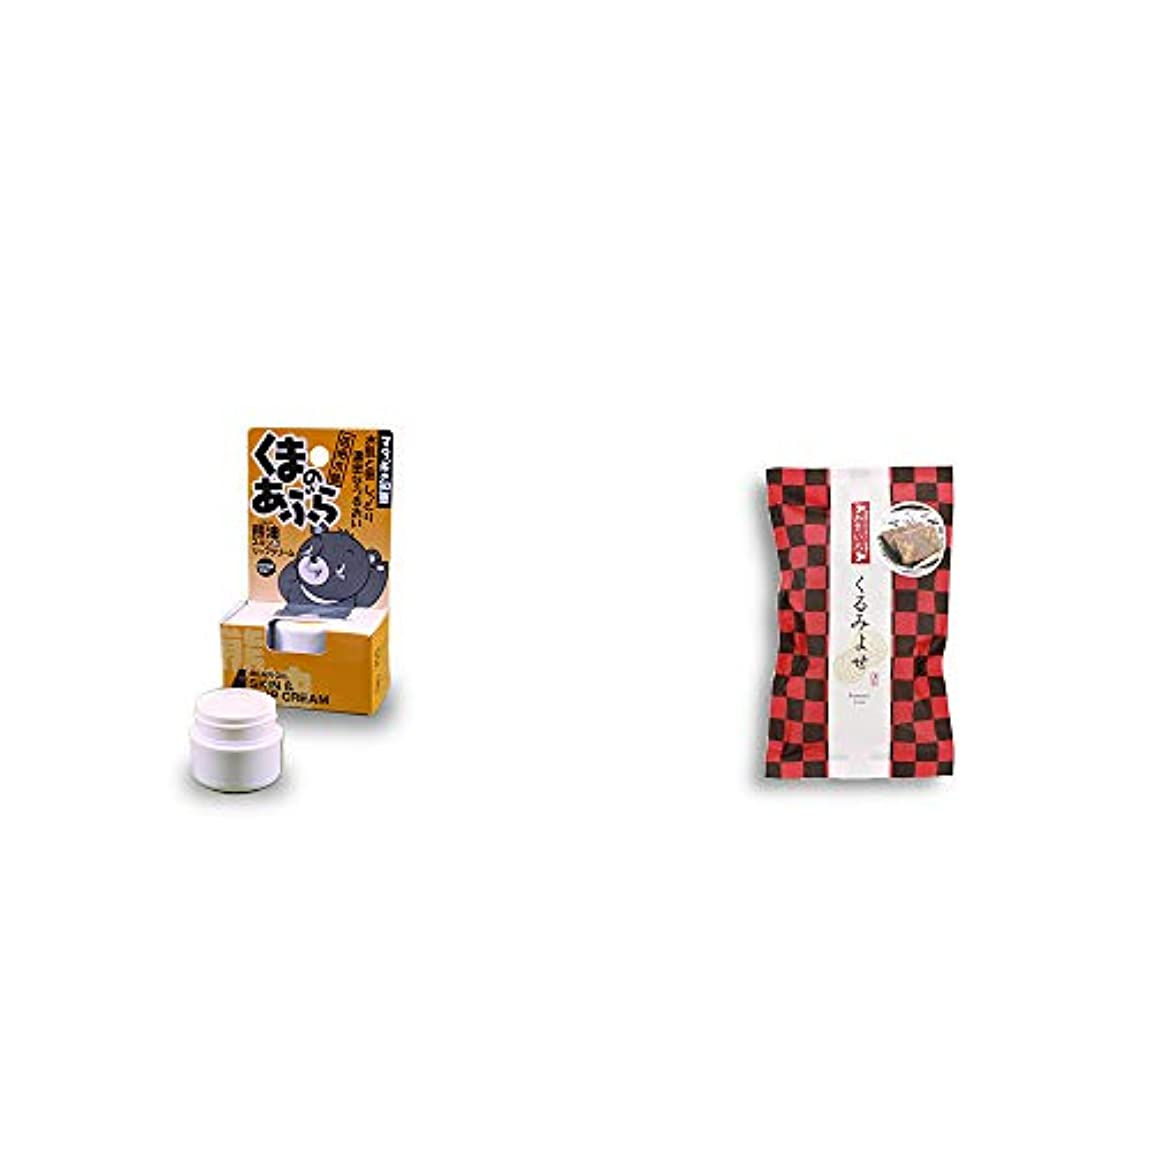 発行するリテラシー息苦しい[2点セット] 信州木曽 くまのあぶら 熊油スキン&リップクリーム(9g)?くるみよせ(こし餡)(5個入)